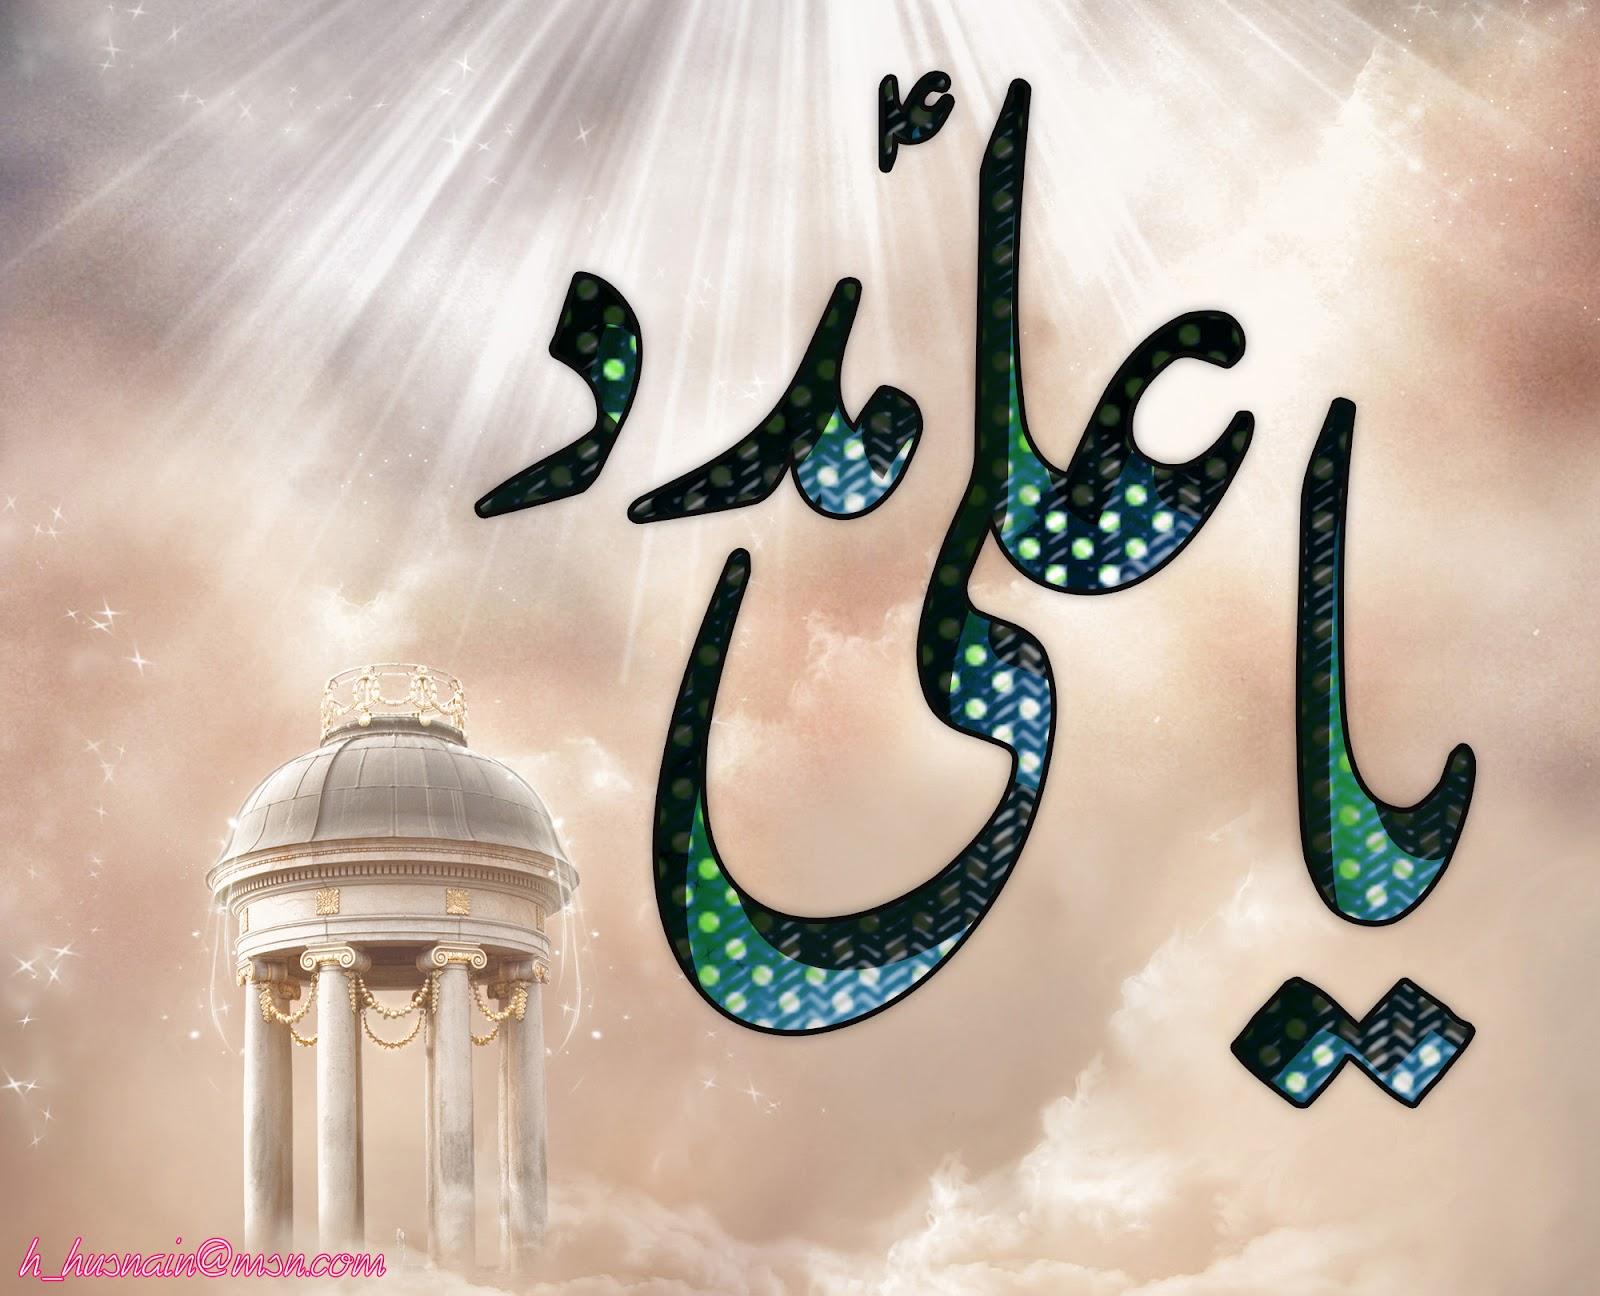 http://4.bp.blogspot.com/-avY_QnKF6ZM/UCU2Ci_LTvI/AAAAAAAAT34/udhbpEDWg0E/s1600/ya_ali_madid_wallpaper_by_hurmat-d3a6r4q.jpg